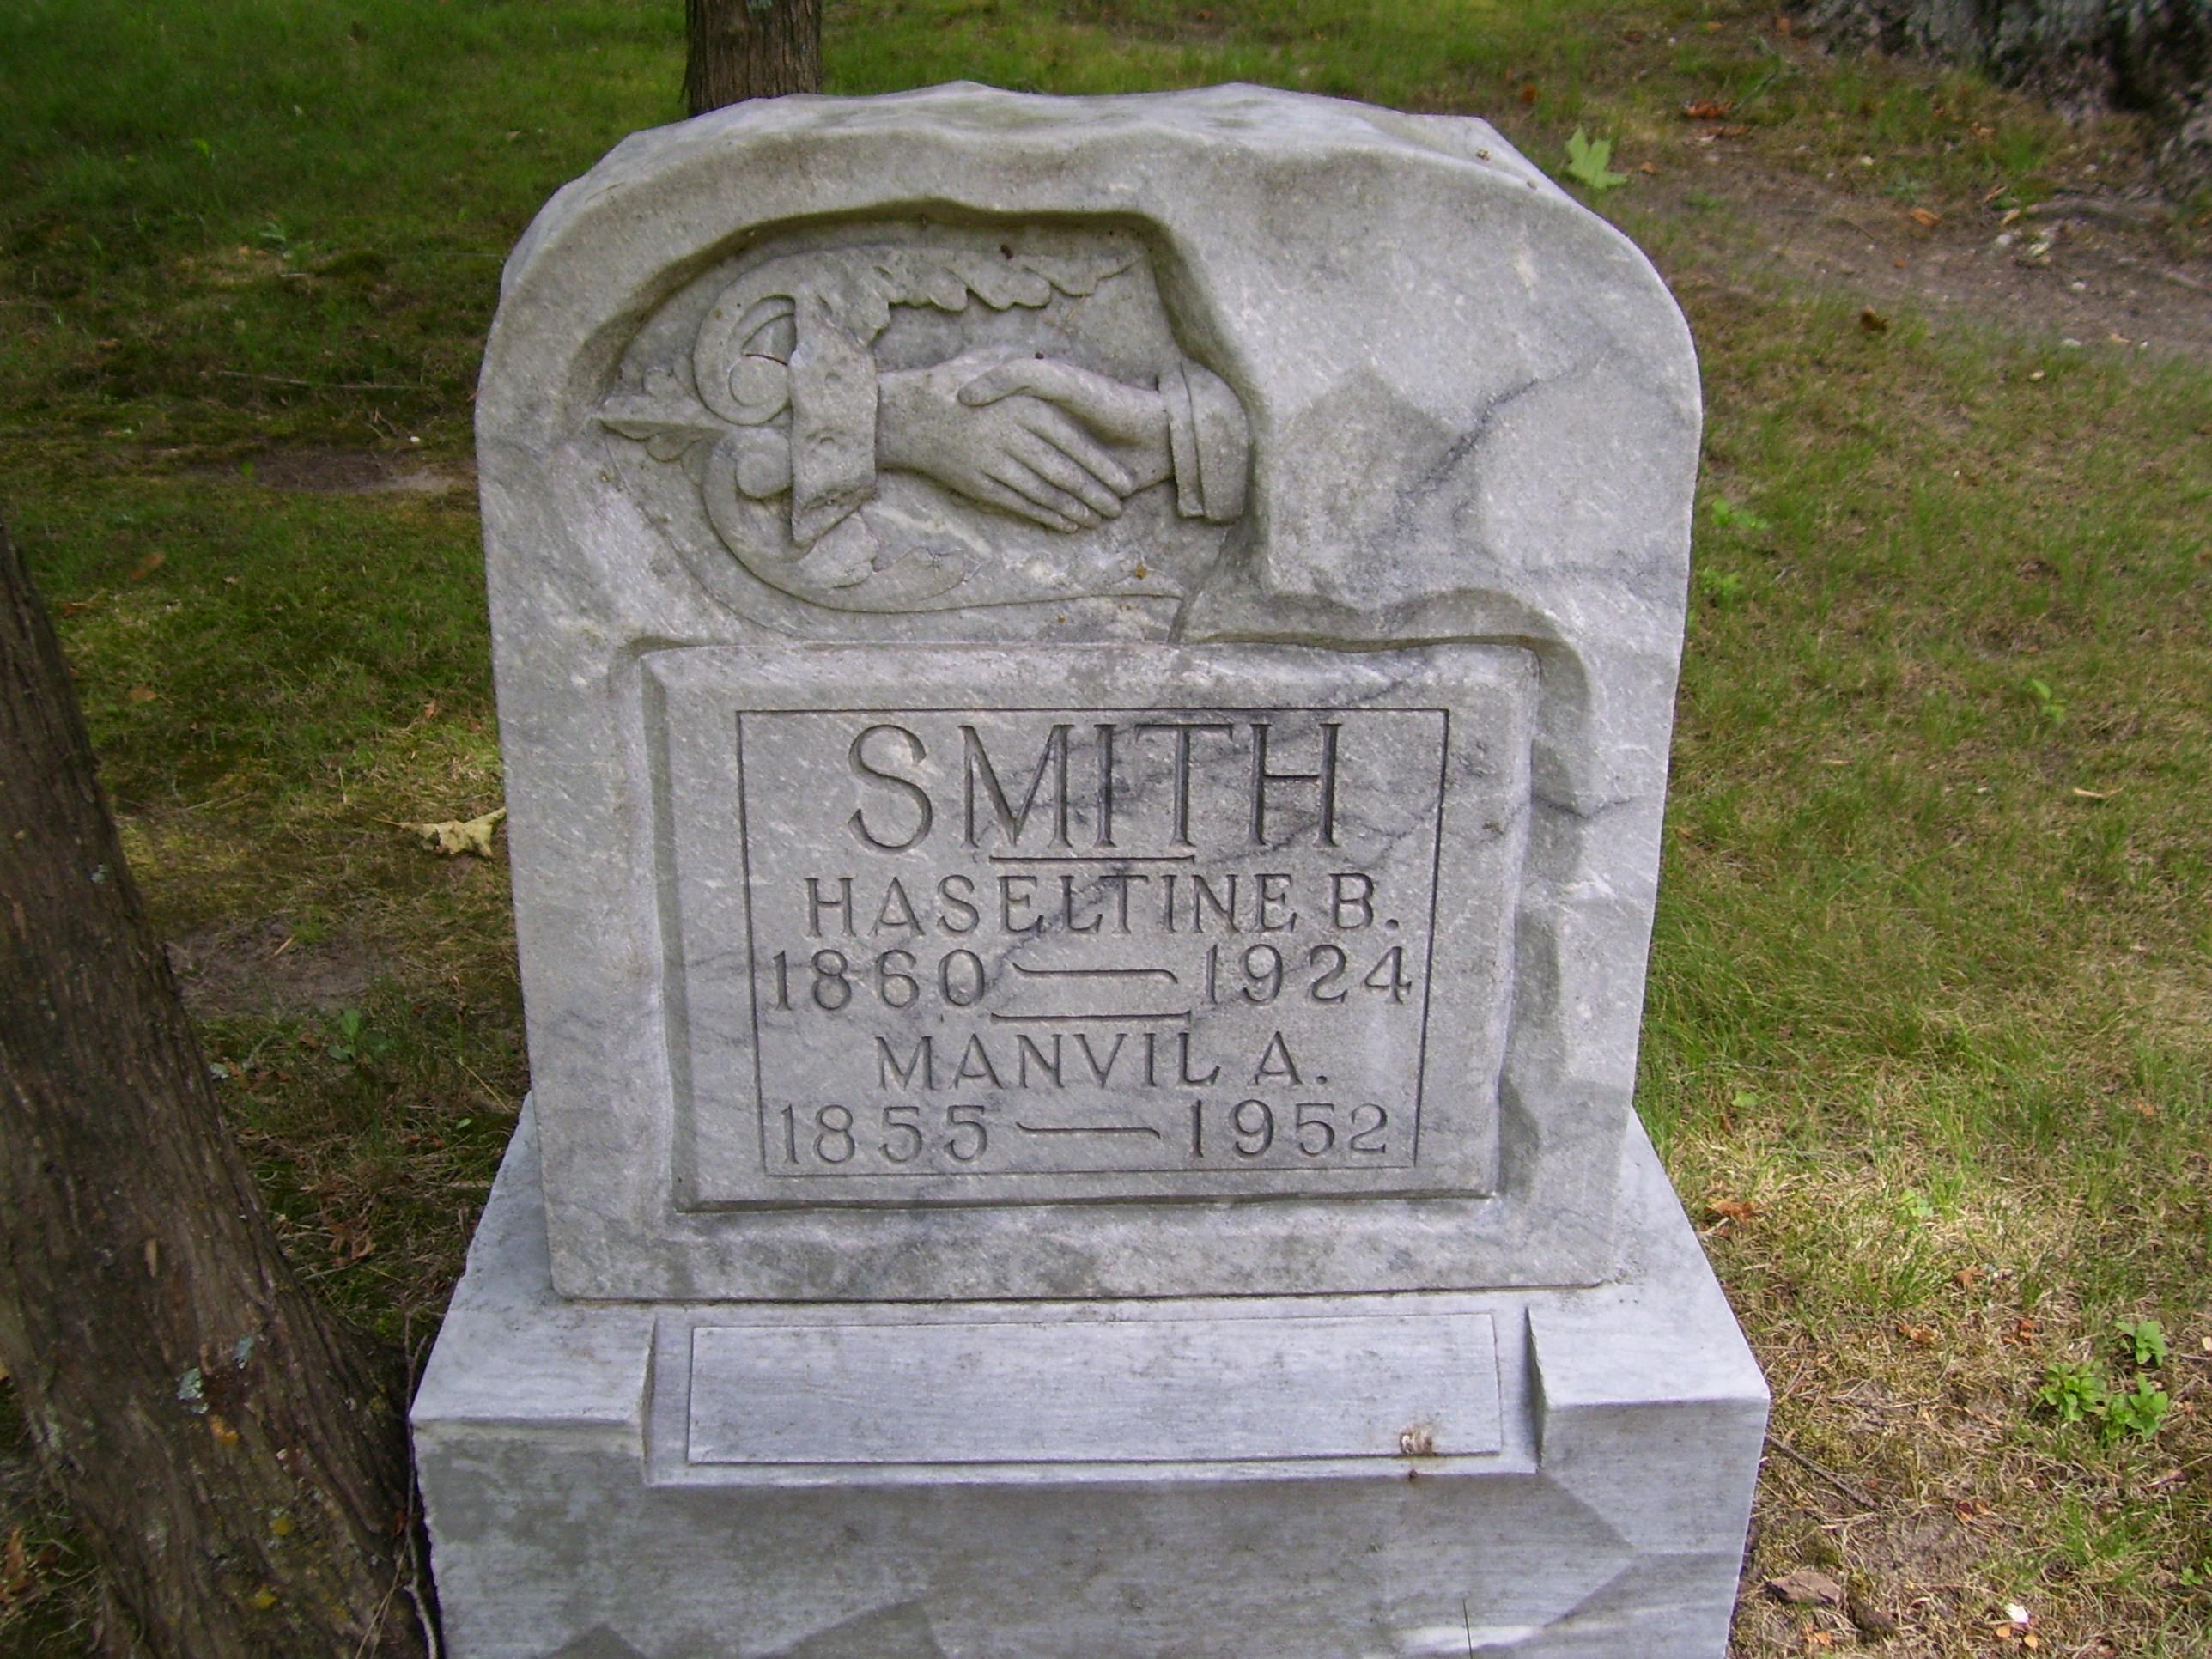 Manville A Smith